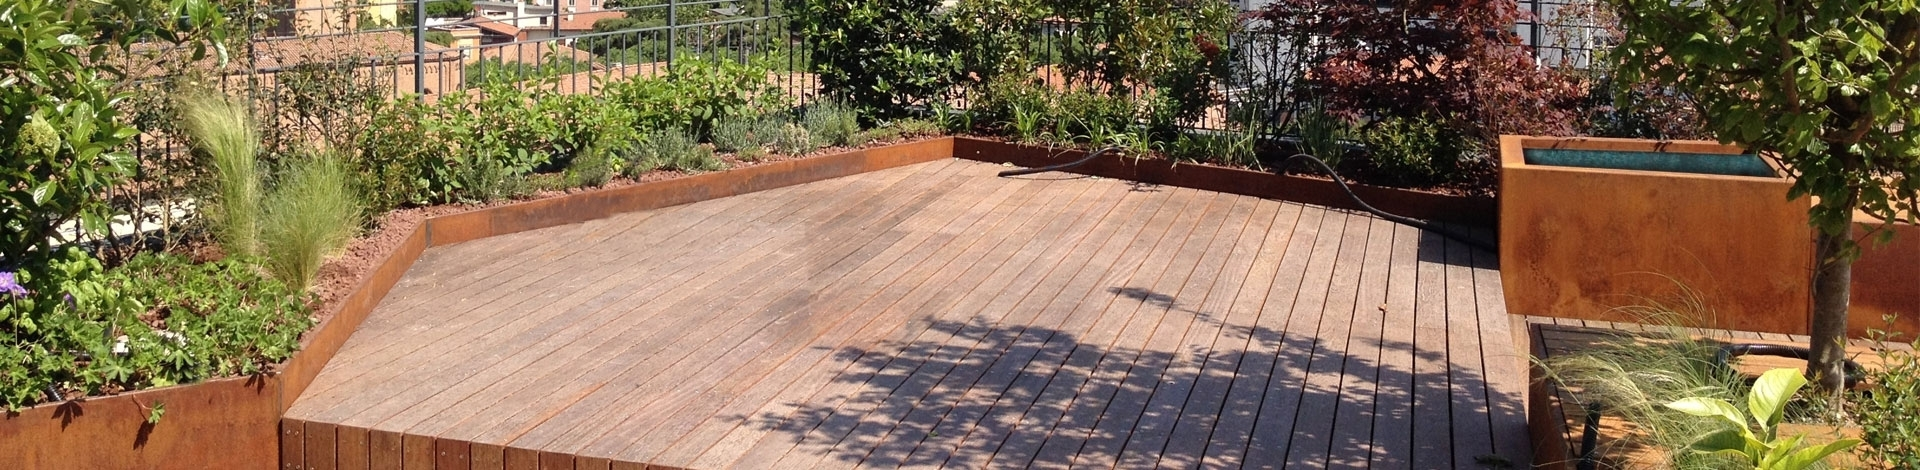 Realizzazione terrazze progettare un terrazzo for Progettare un terrazzo giardino